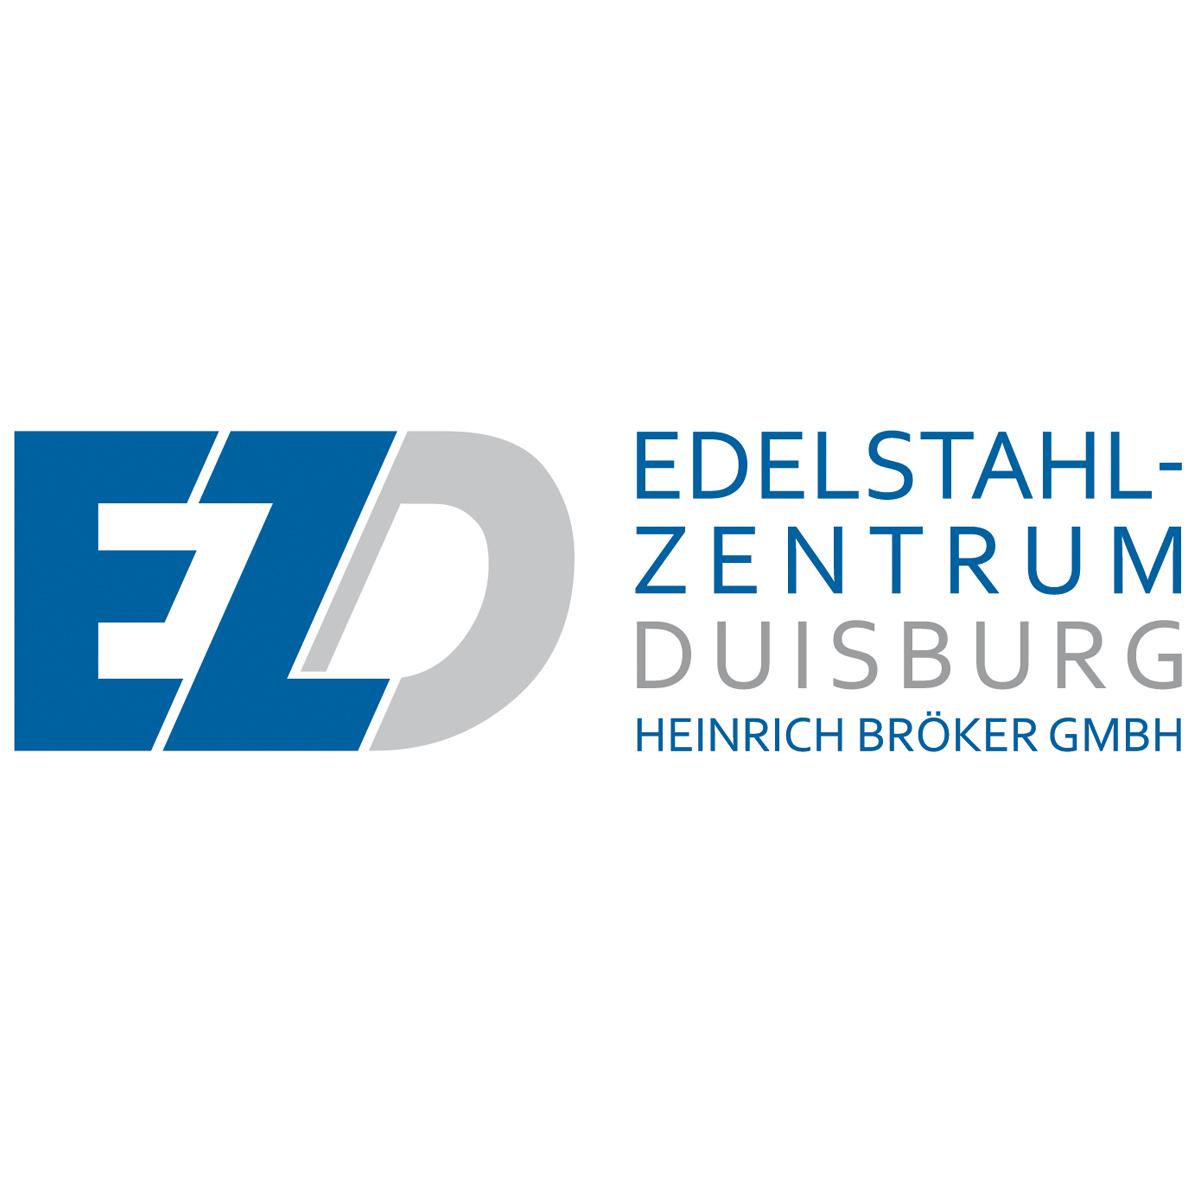 Bild zu Edelstahl-Zentrum Duisburg Heinrich Bröker GmbH in Duisburg